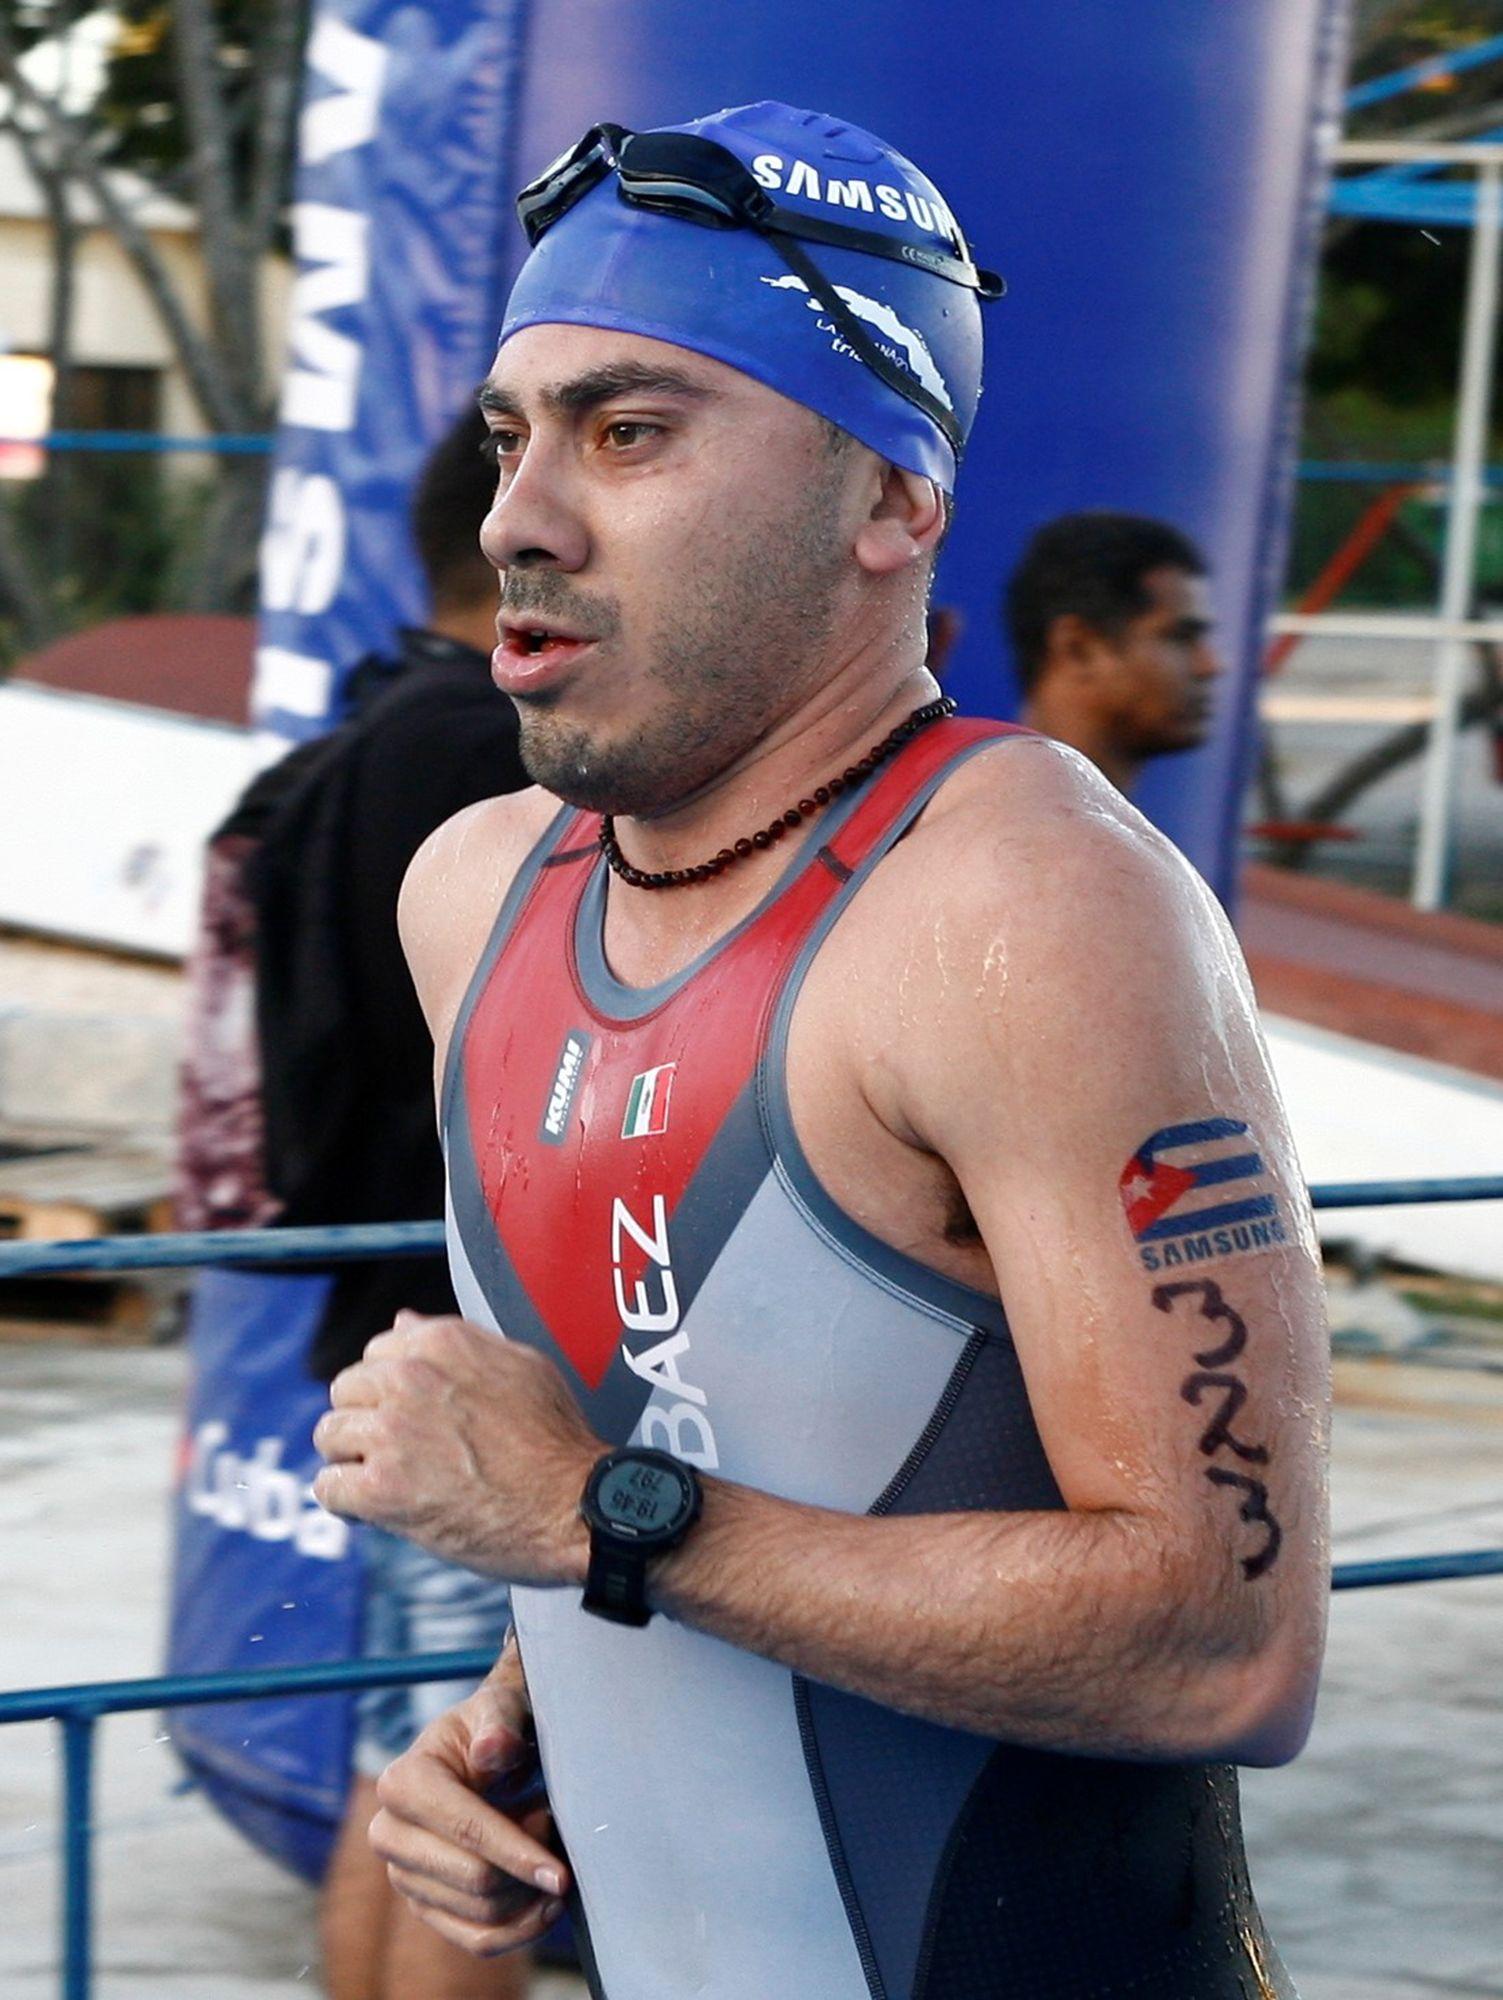 Samsung fue uno de los principales patrocinadores del Triatlón de La Habana en el 2018 y la marca apareció en cualquier lugar. Foto: Alex Castro.